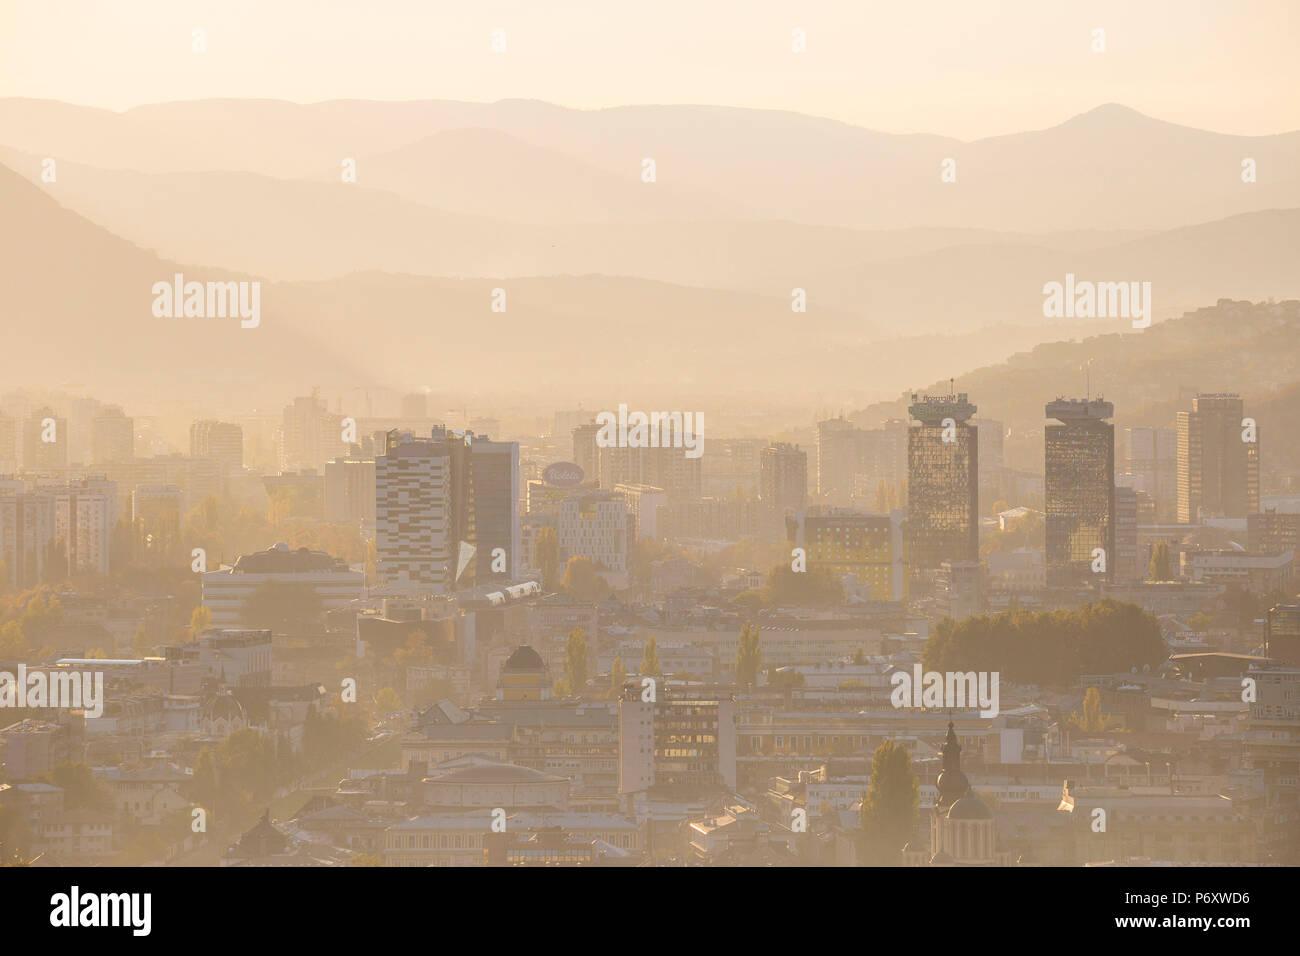 Bosnia and Herzegovina, Sarajevo, View of Sarajevo City - Stock Image